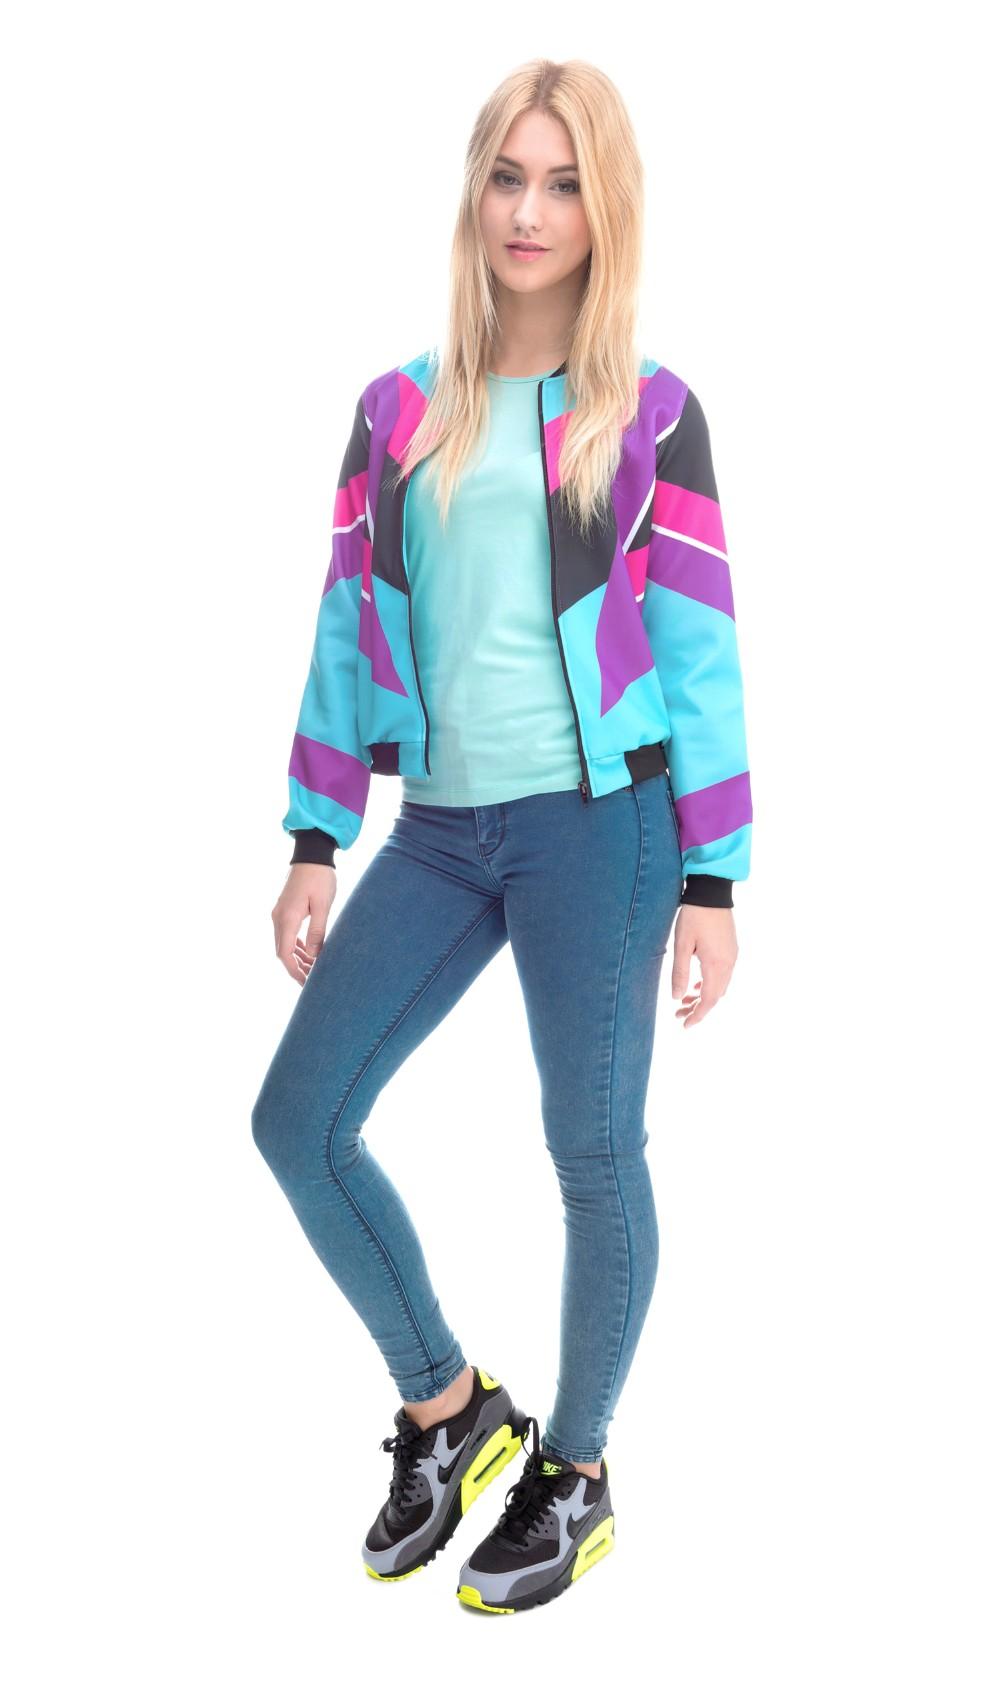 2016 Mix город 3D печать весна осень пальто женщин куртки 90 s дизайн мода свободного покроя куртки бомбардировщика тонкий марка пиджаки и пальто